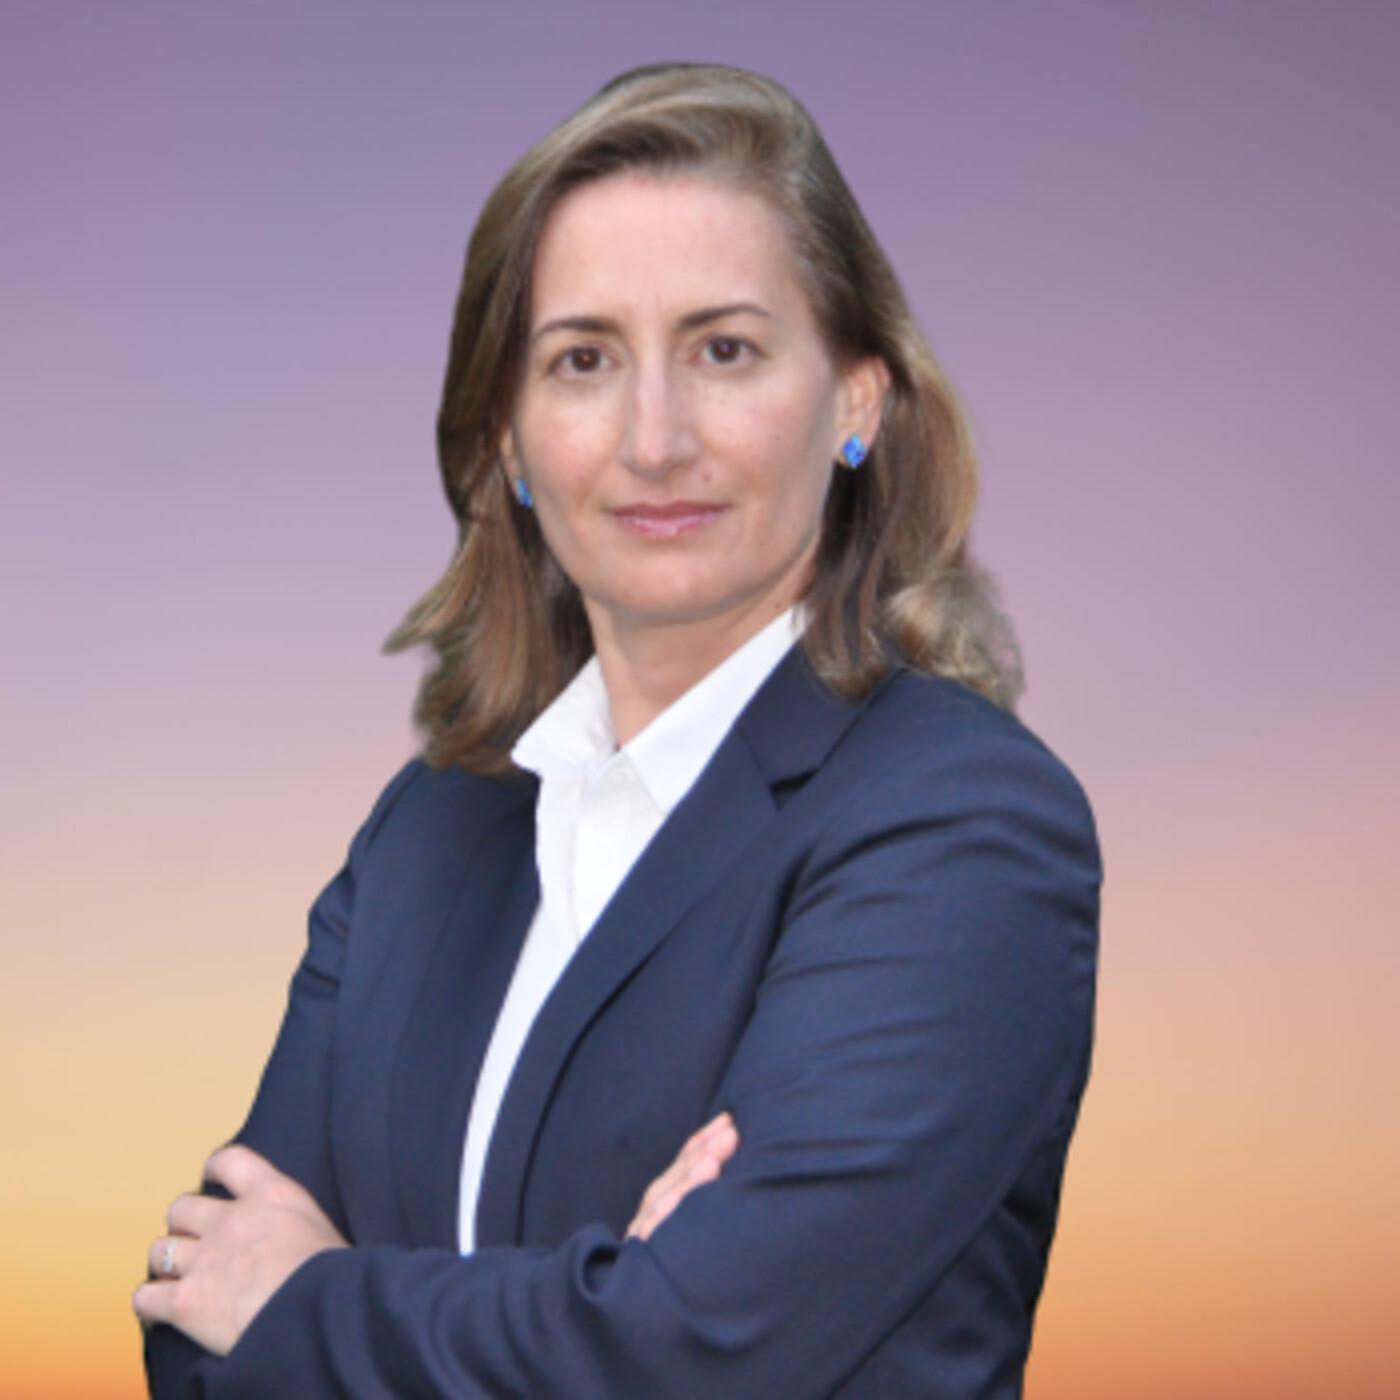 Marta de Francisco